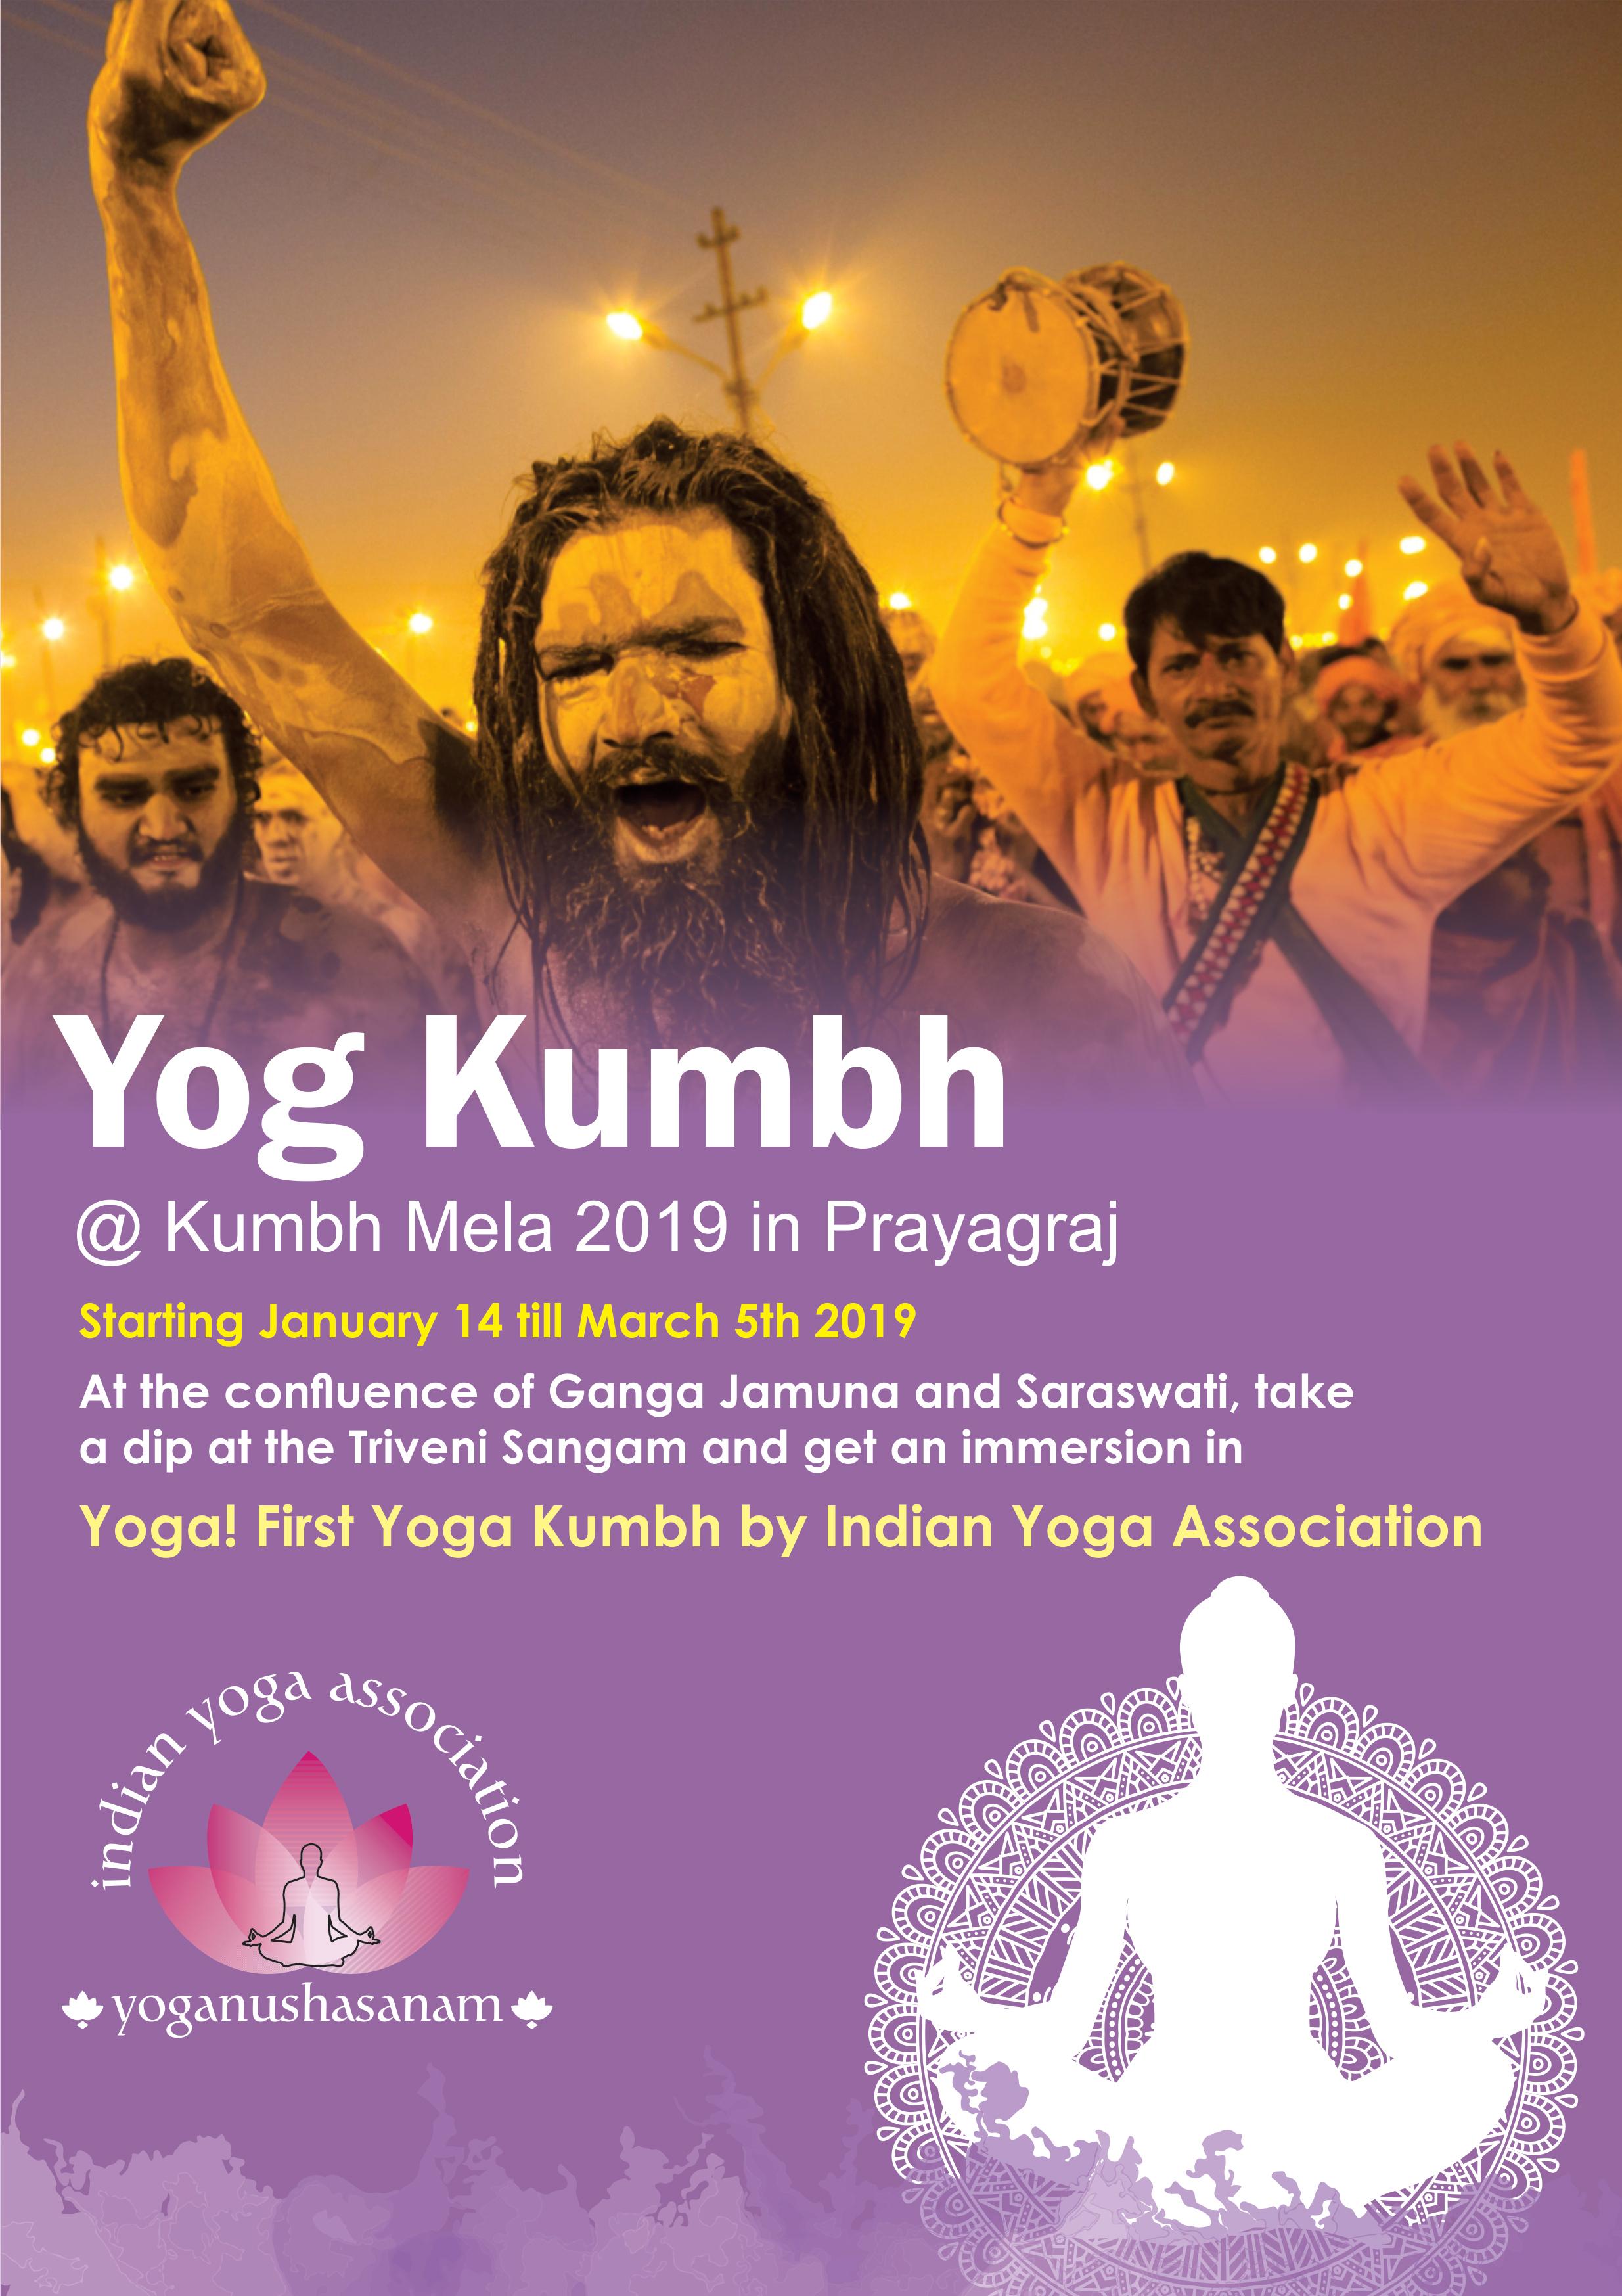 Yog Kumbh